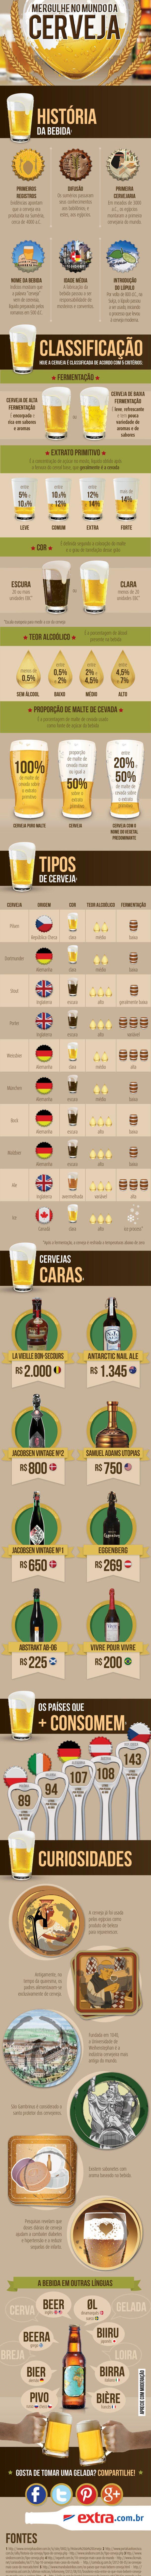 infografico-cerveja